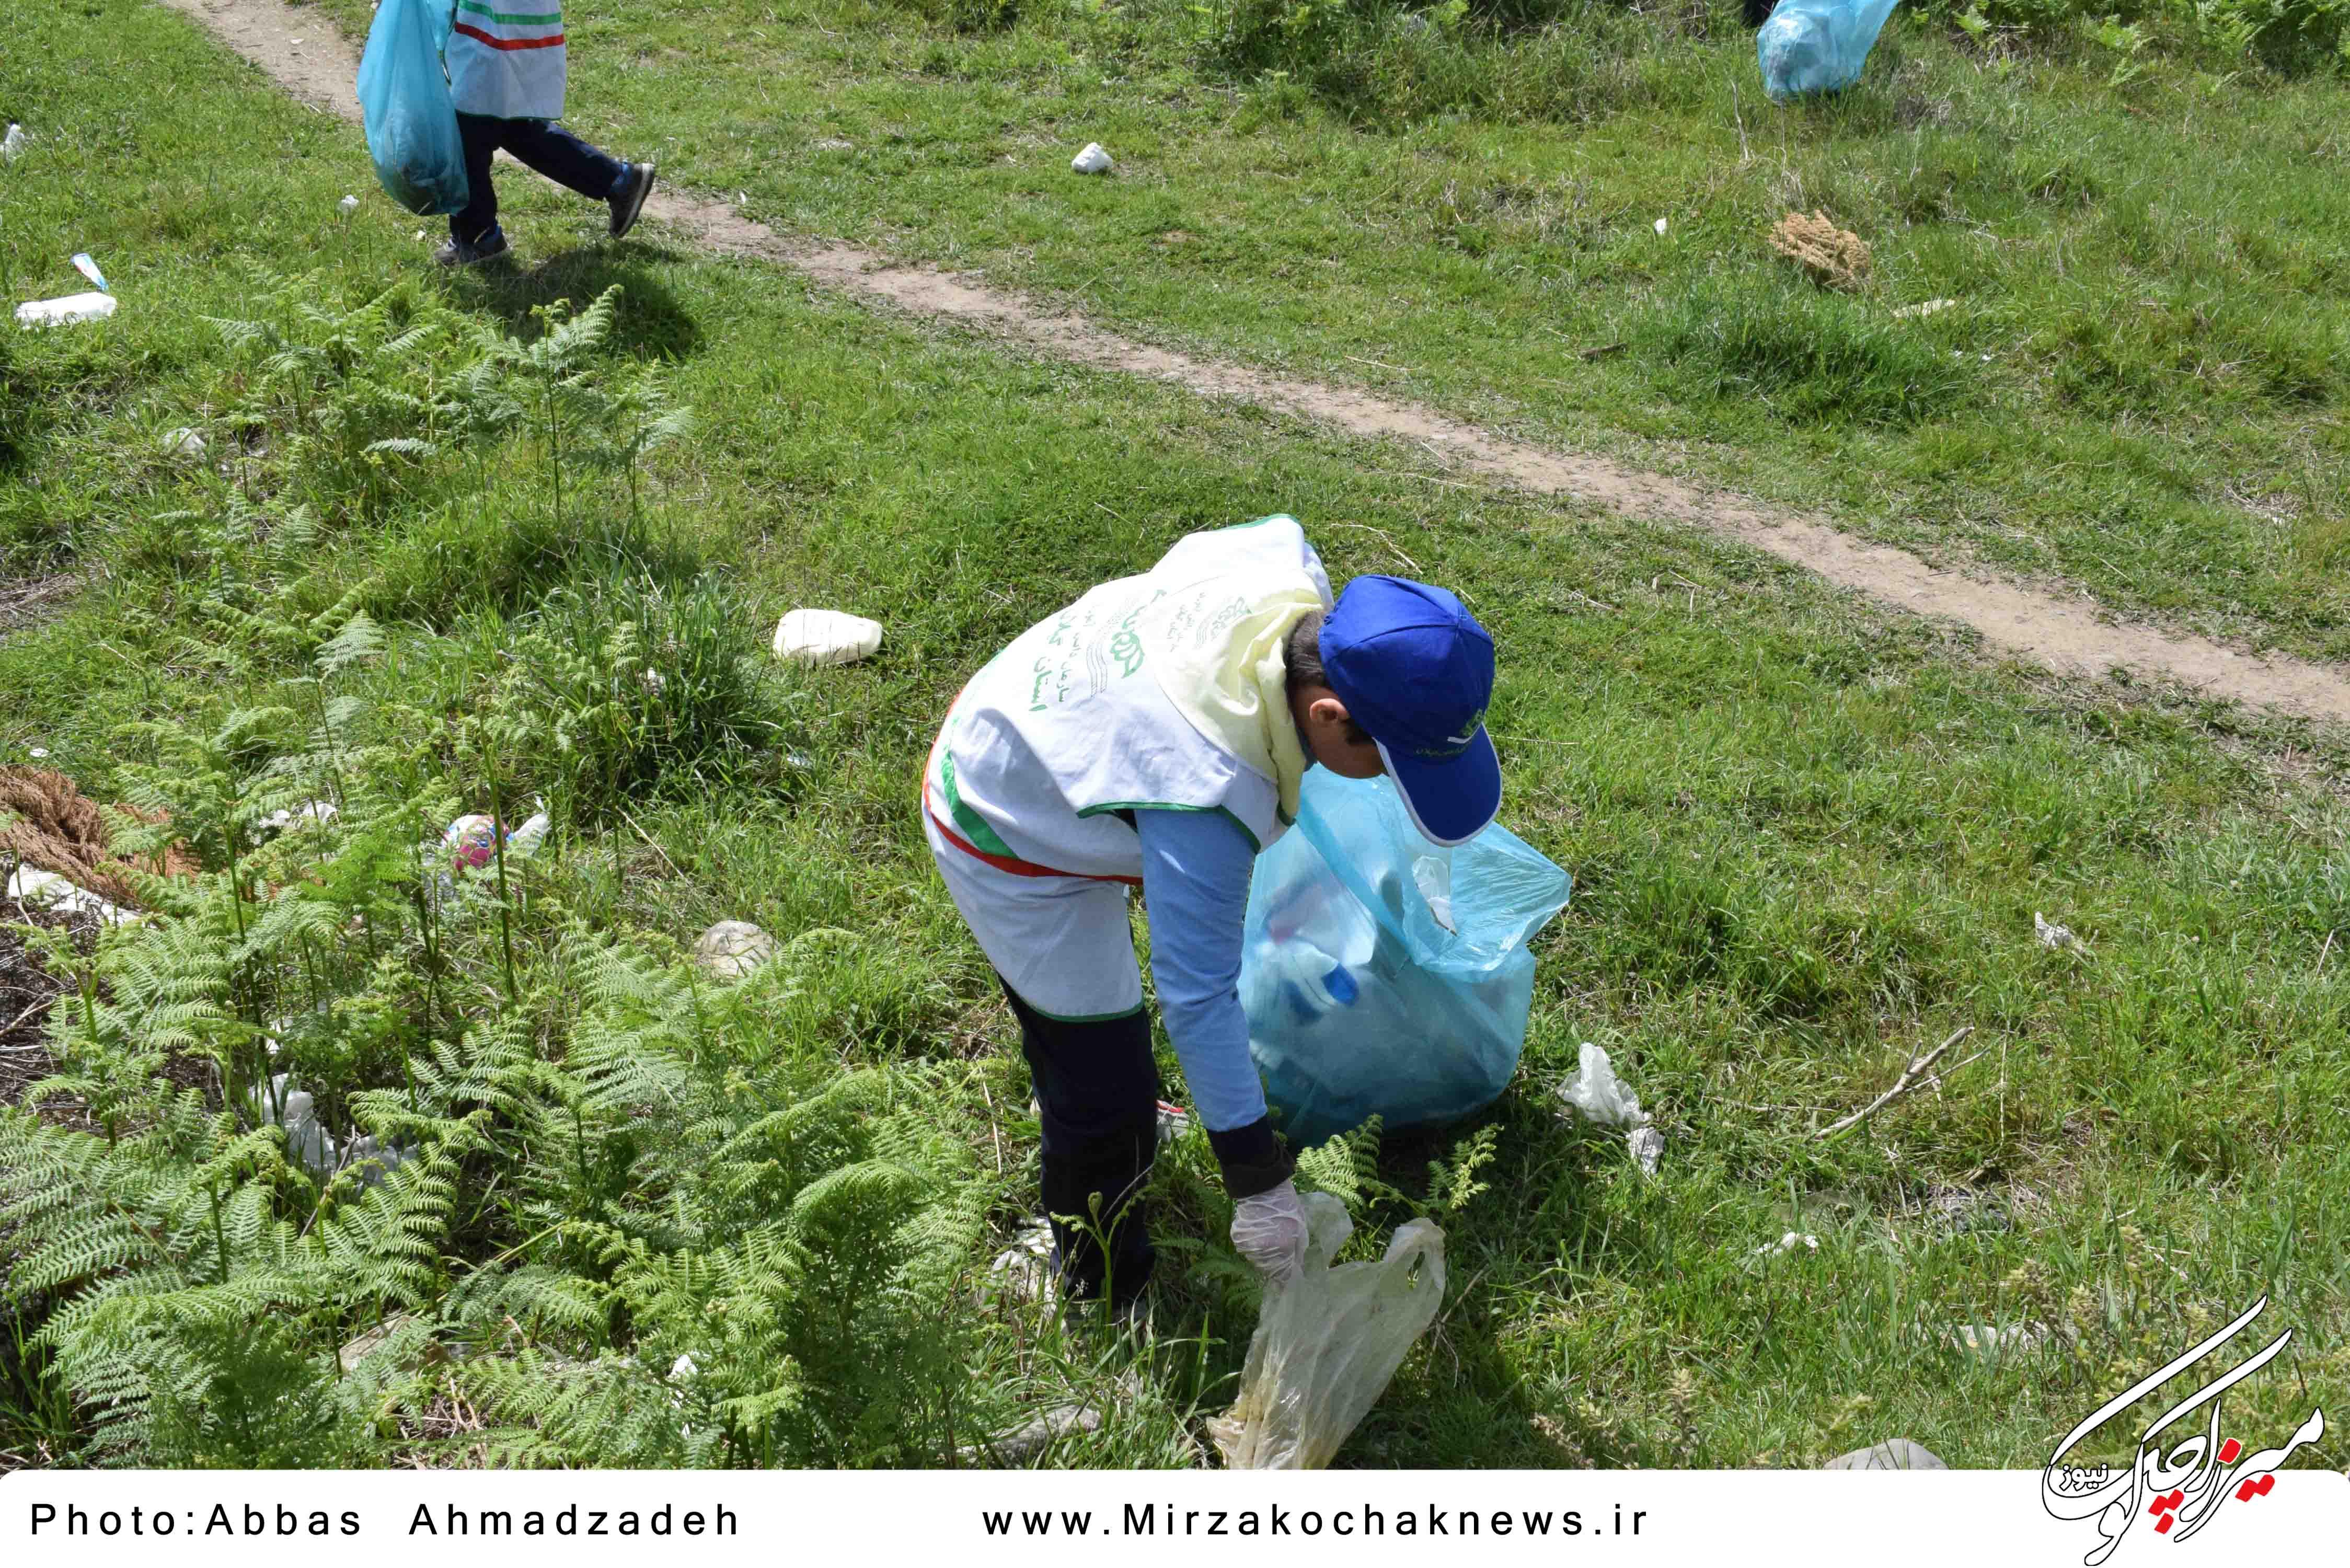 پاکسازی خیابان های شهر گوراب زرمیخ توسط دانش آموزان